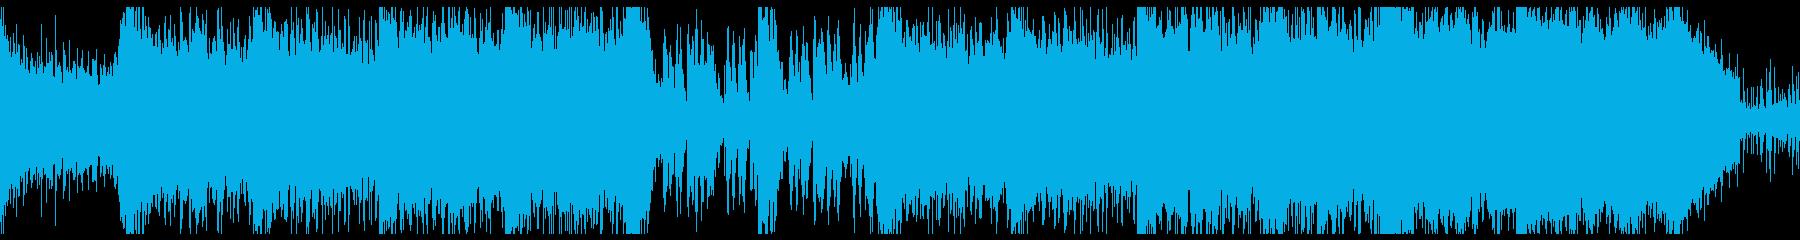 壮大で重厚なRPGダンジョンっぽいBGMの再生済みの波形